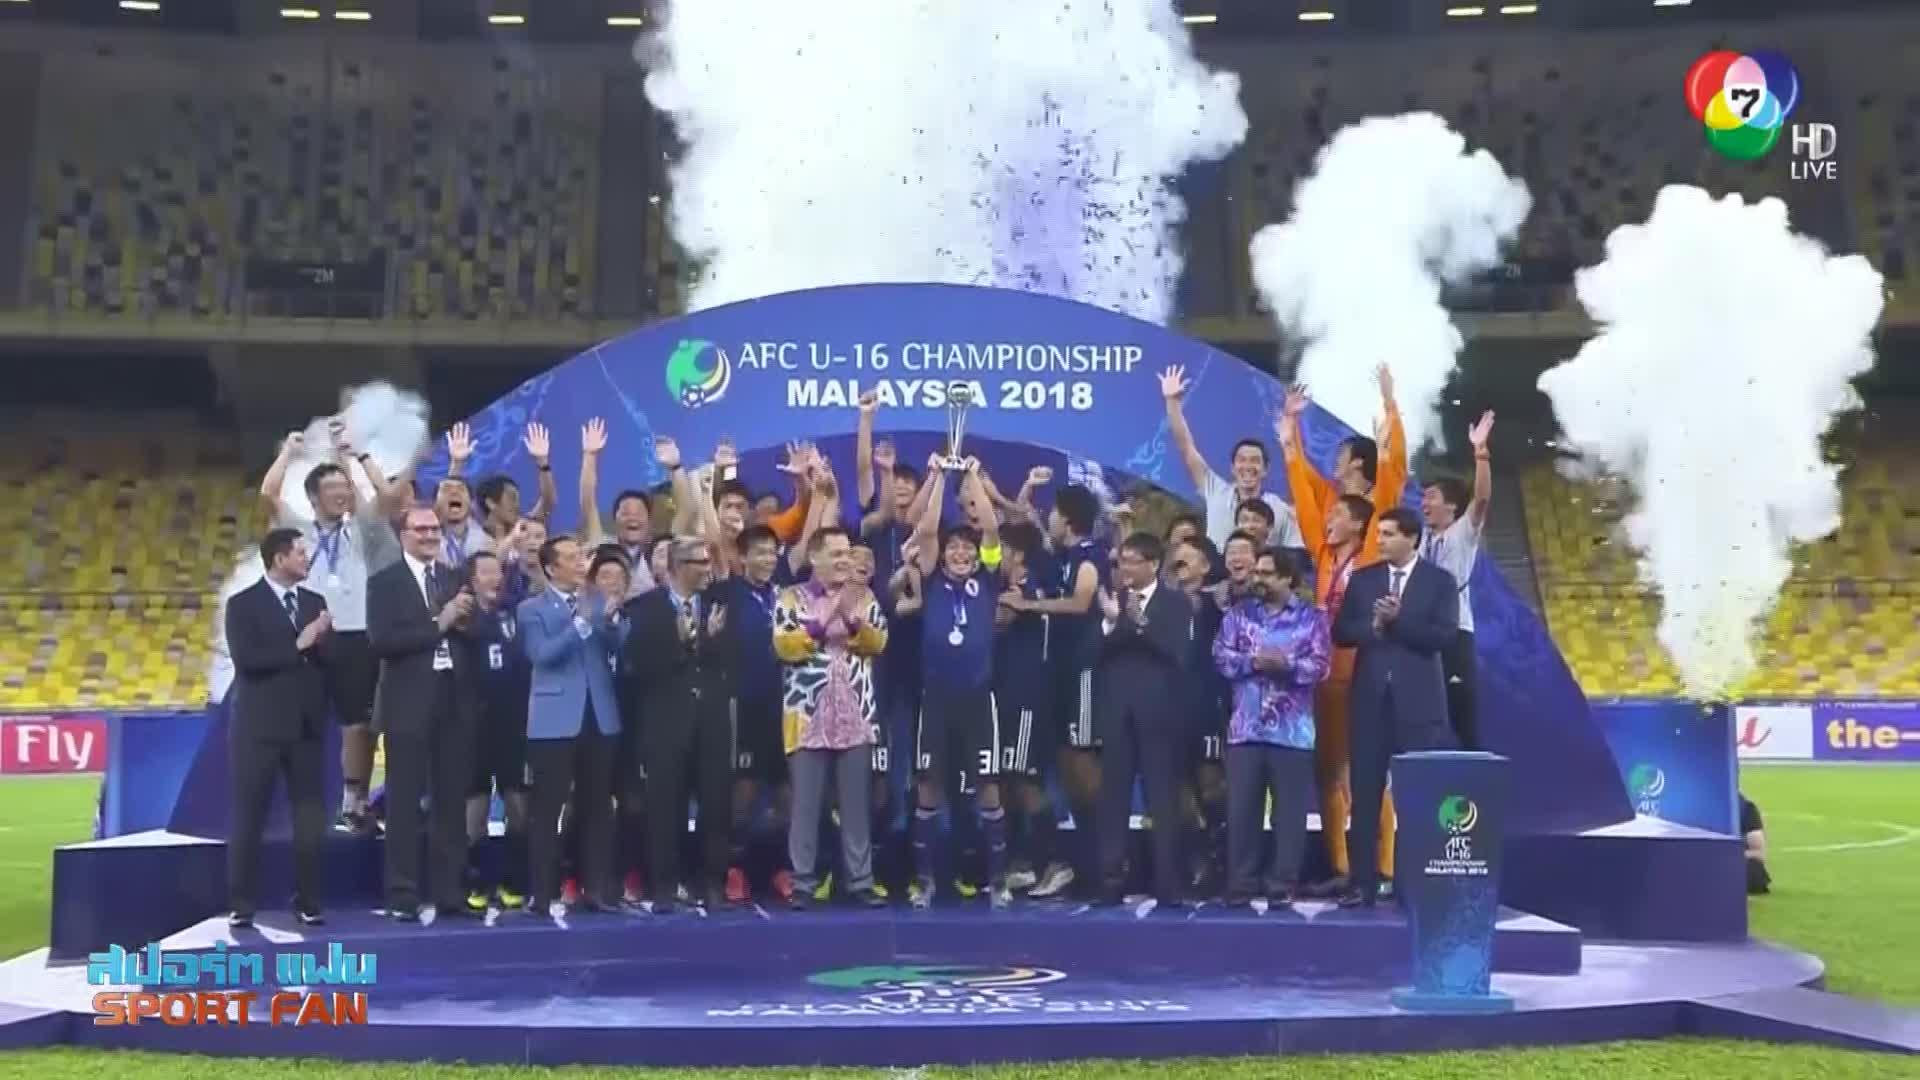 ญี่ปุ่น เฉือนชนะ ทาจิกิสถาน 1-0 คว้าแชมป์เอเชีย U-16 สมัยที่ 3